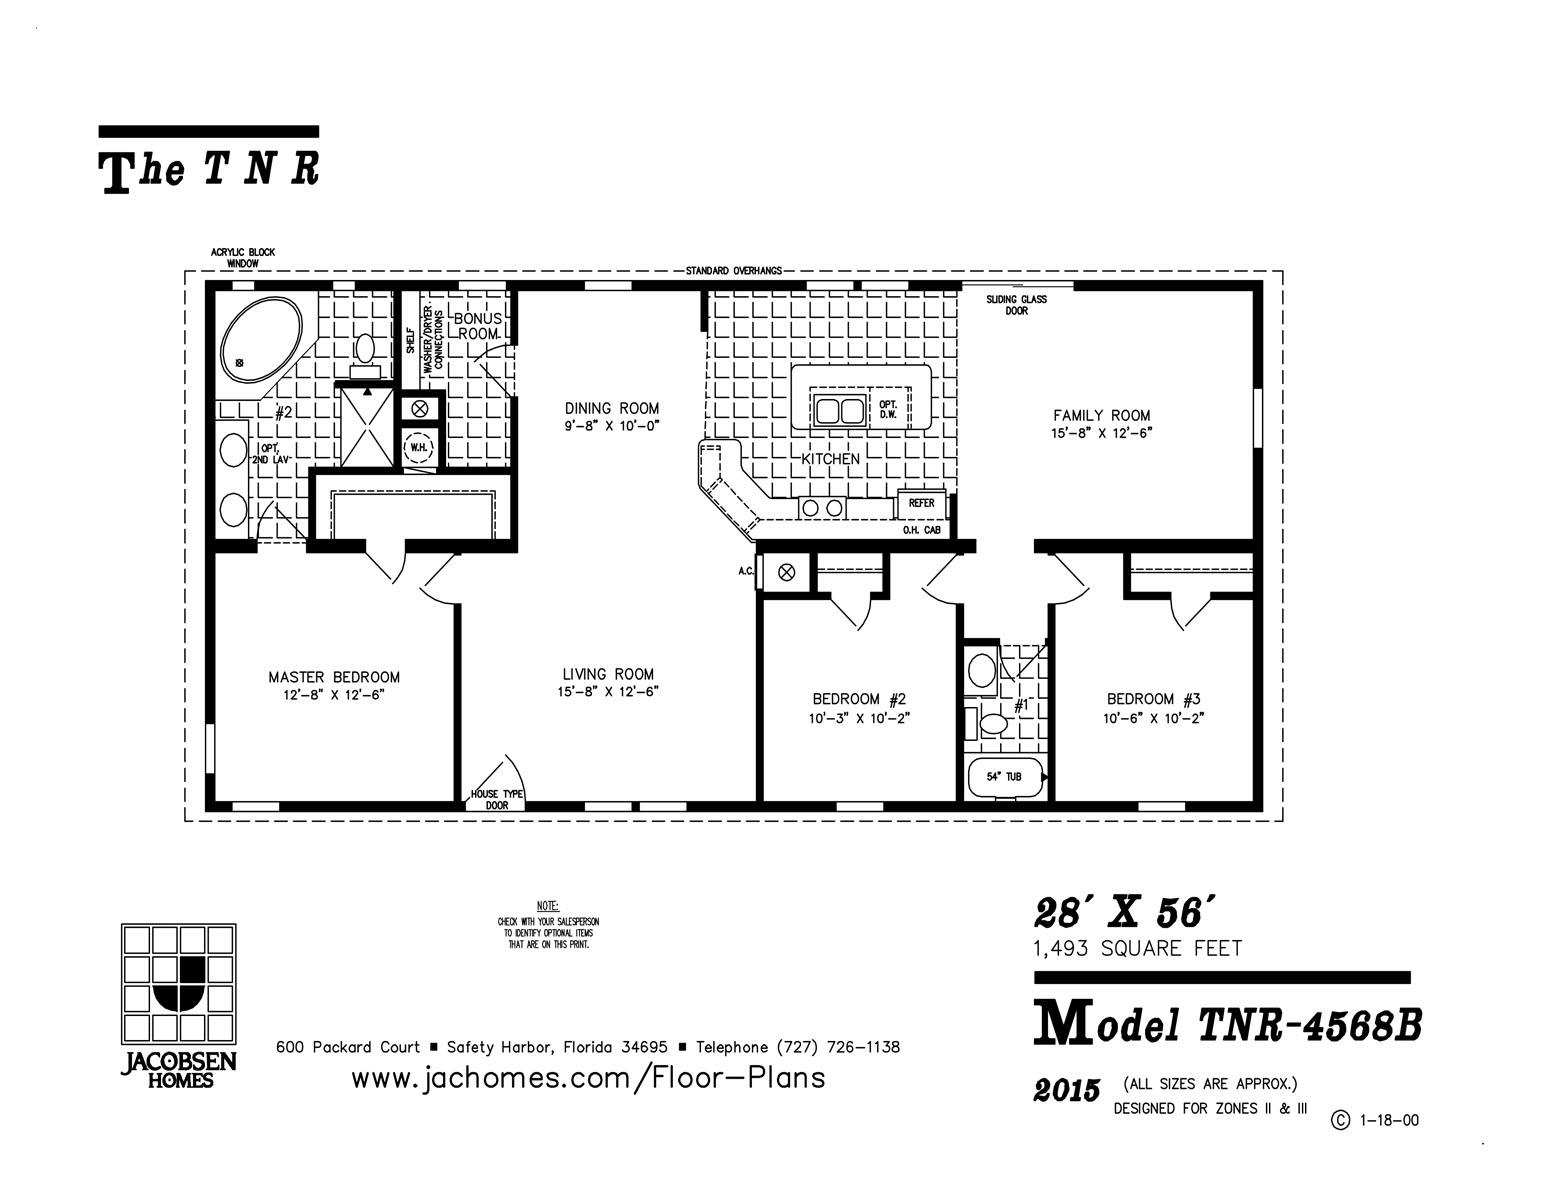 Tnr 4568b mobile home floor plan ocala custom homes for Custom home floor plans free